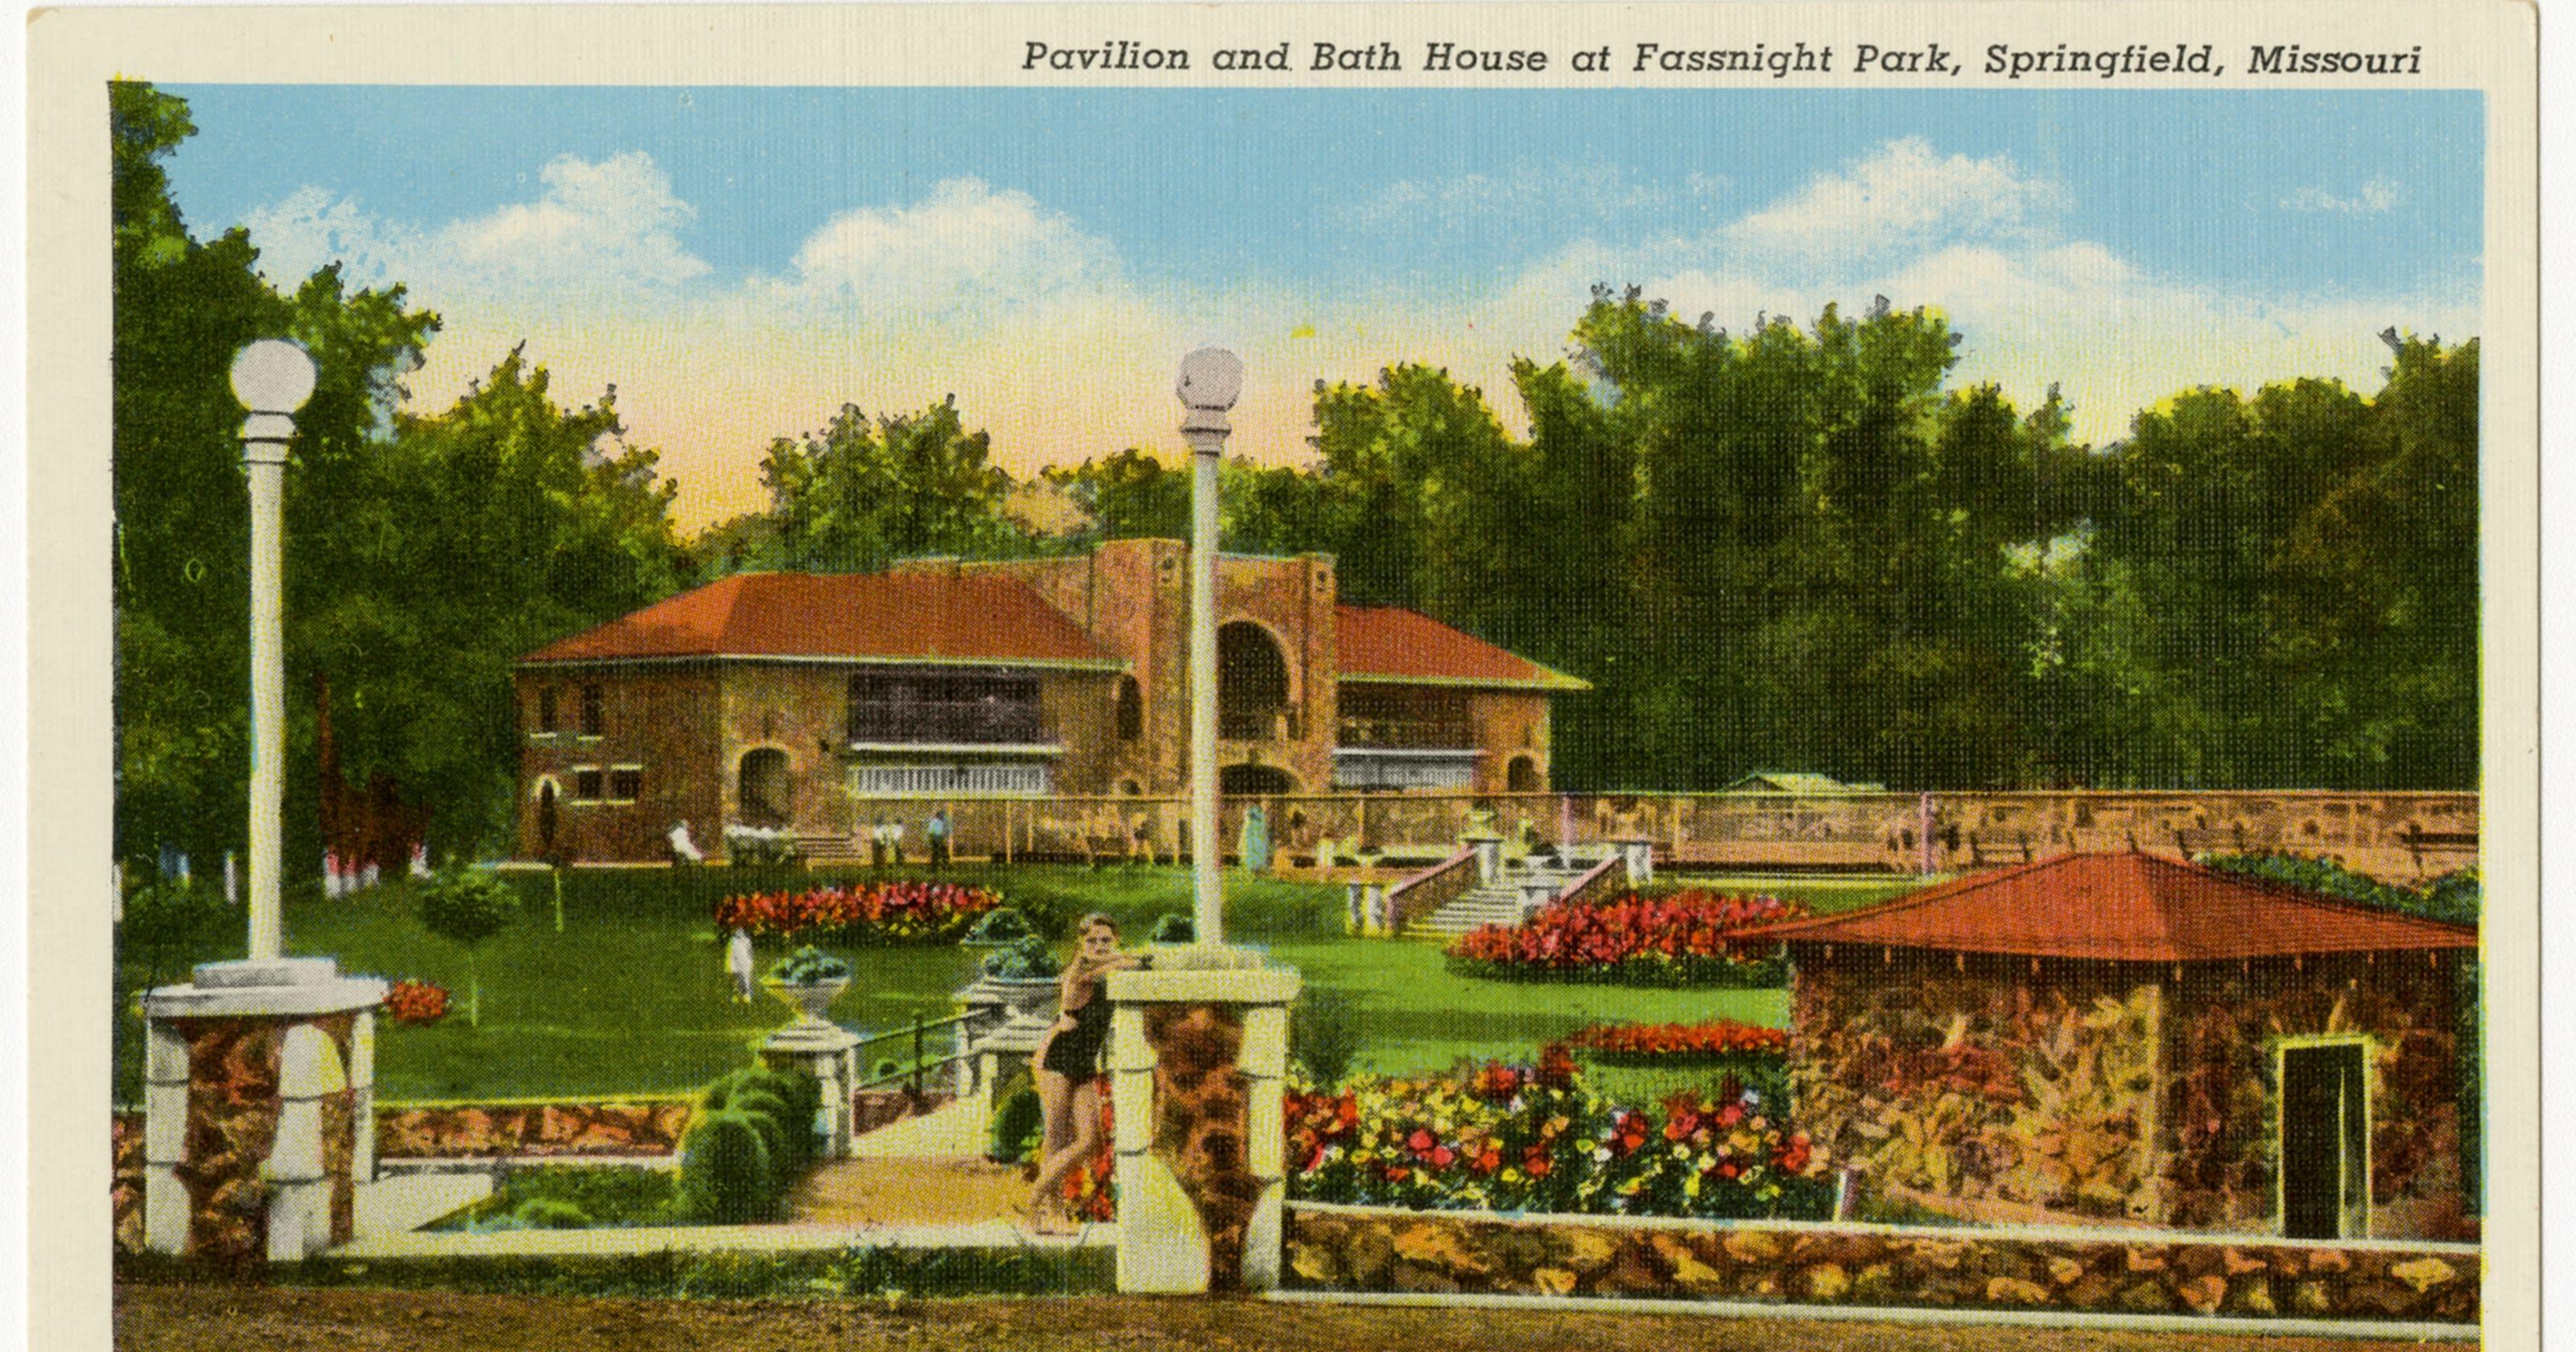 Ozarks History: Fassnight Park moves toward creation